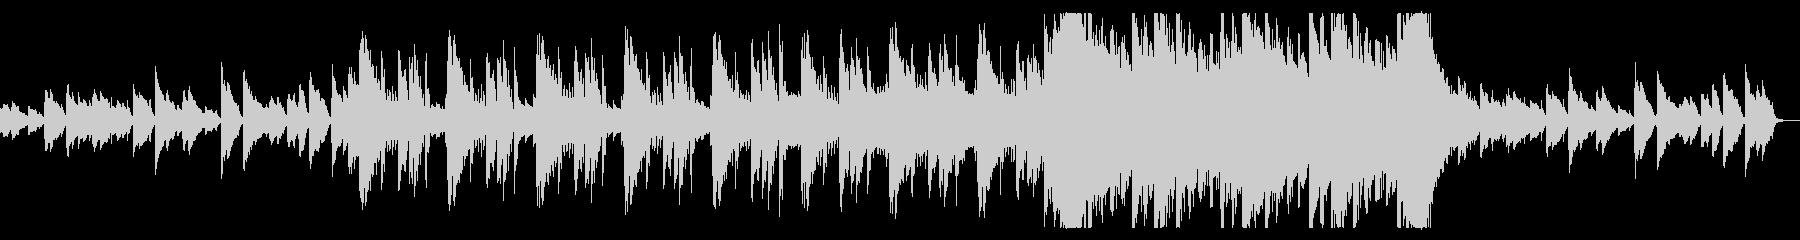 切ないピアノで彩るエモバラードの未再生の波形